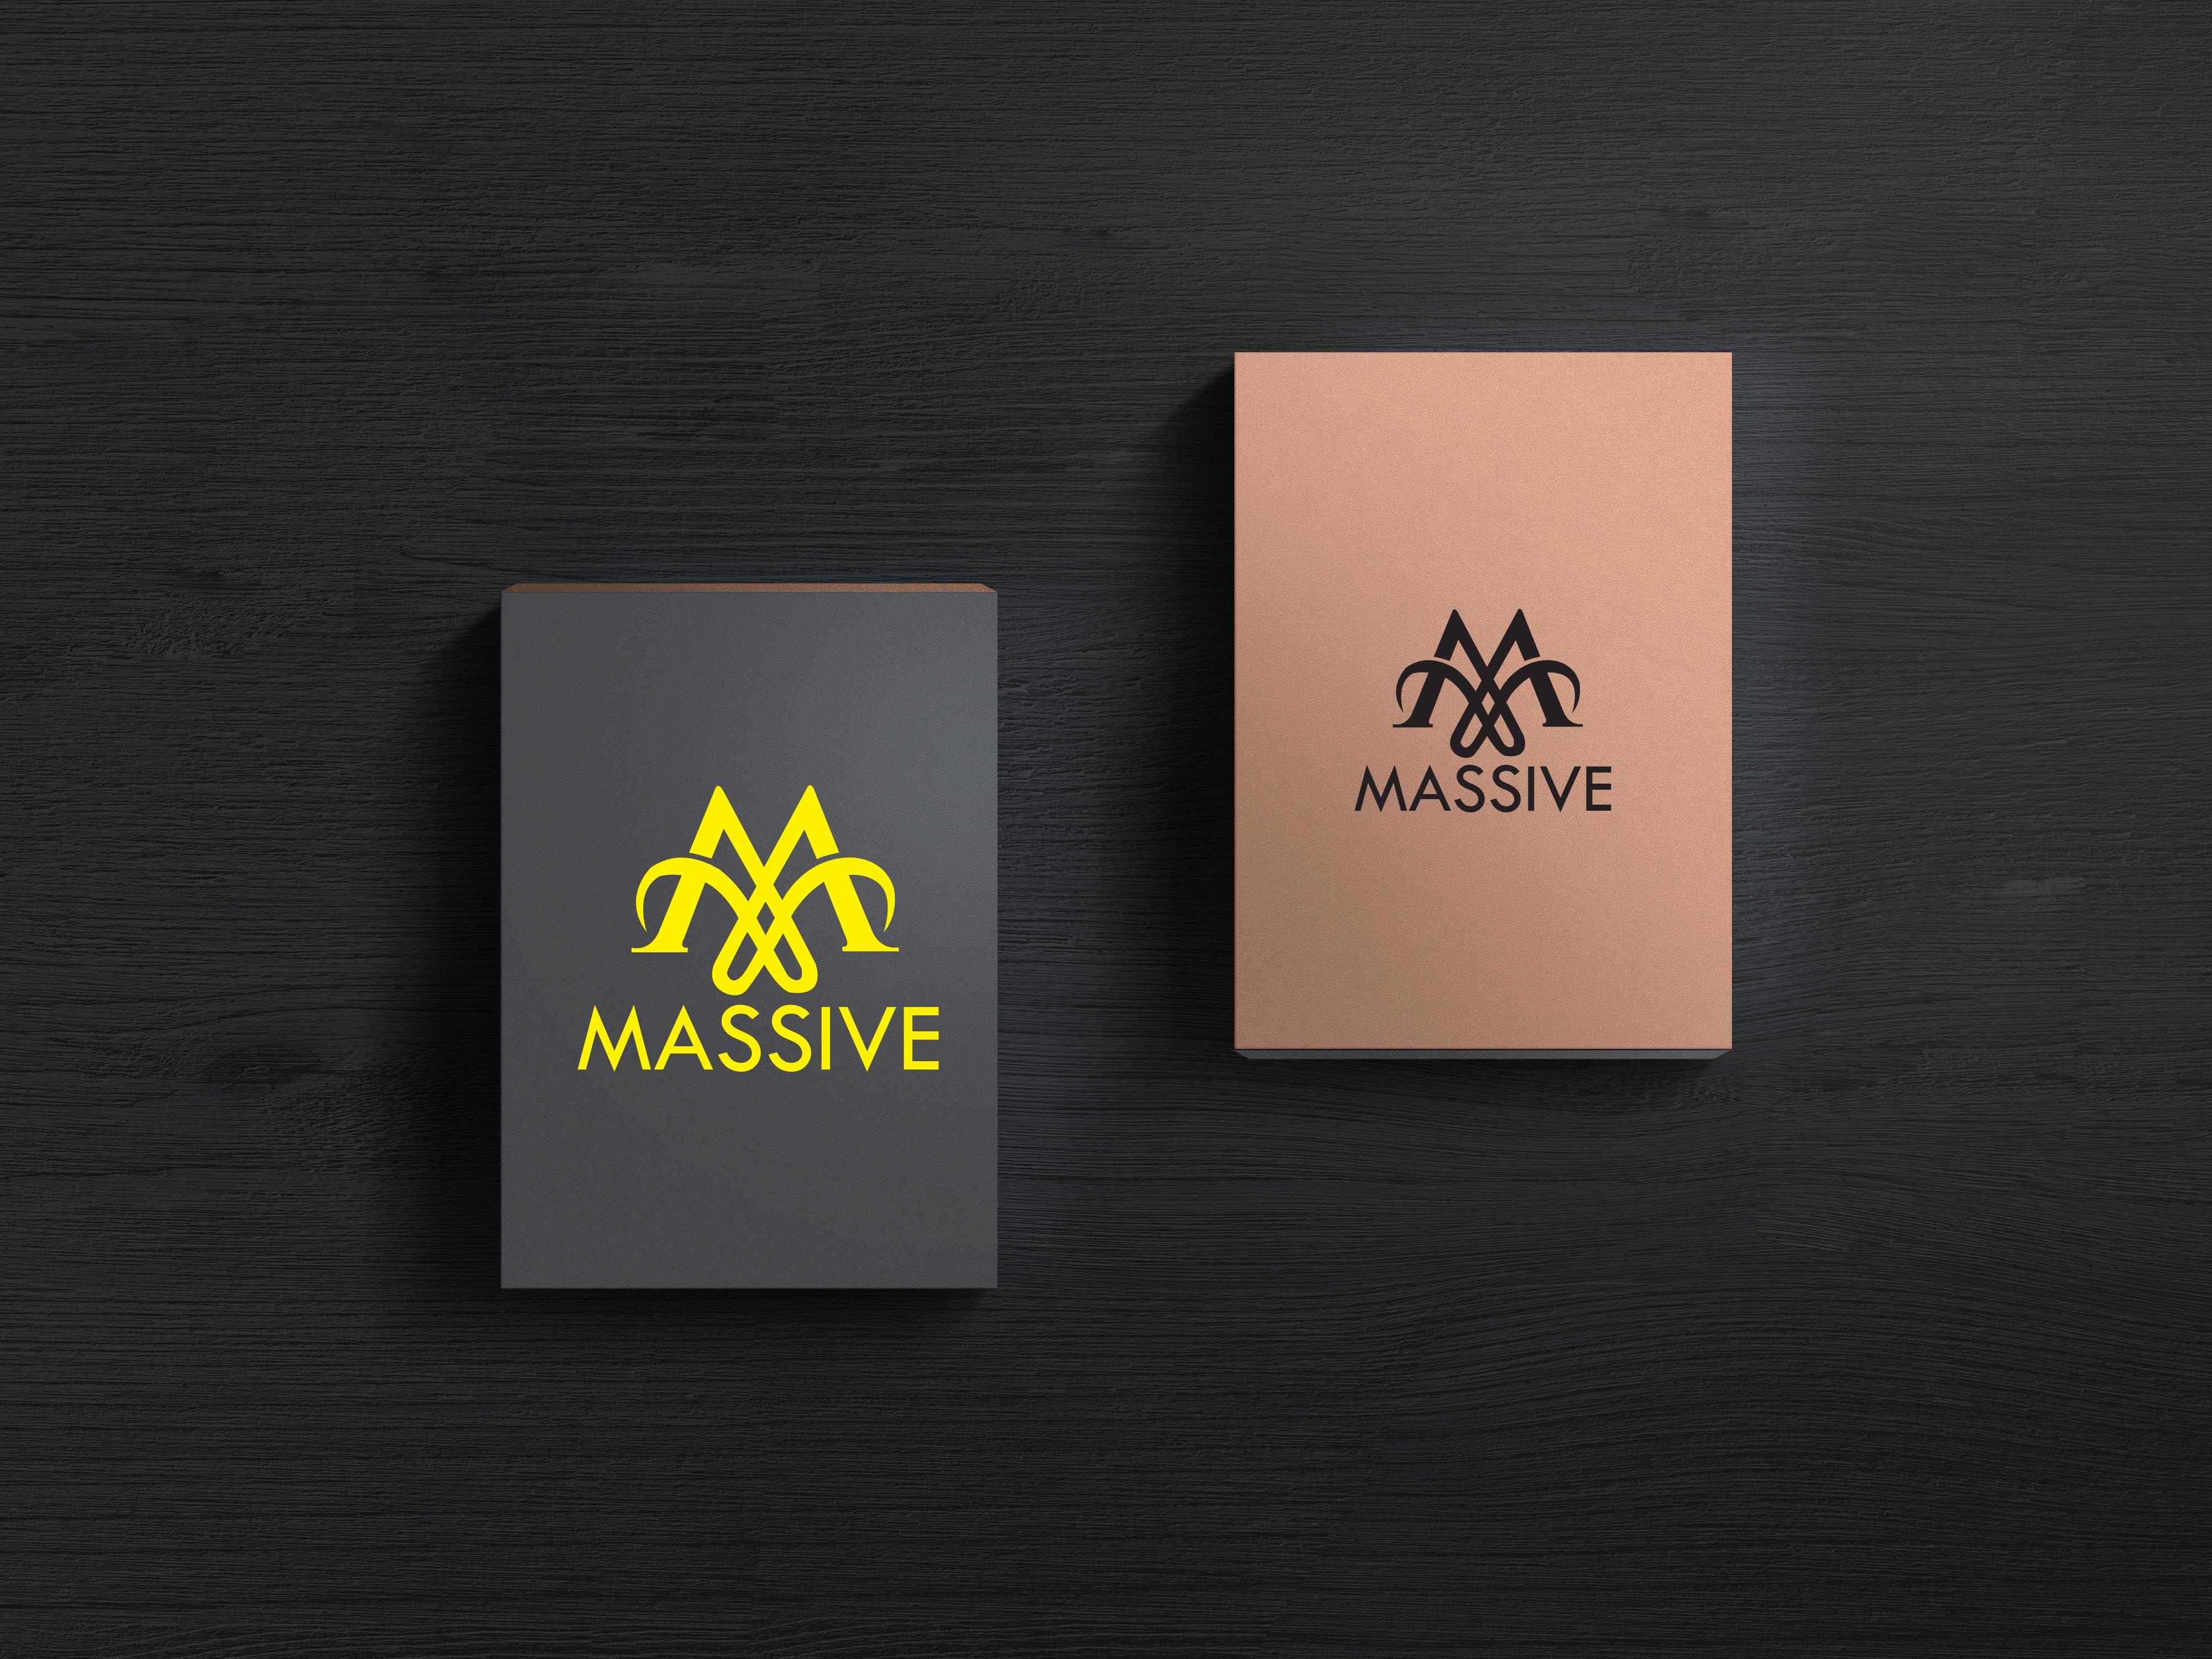 Logo Design by Private User - Entry No. 445 in the Logo Design Contest MASSIVE LOGO.